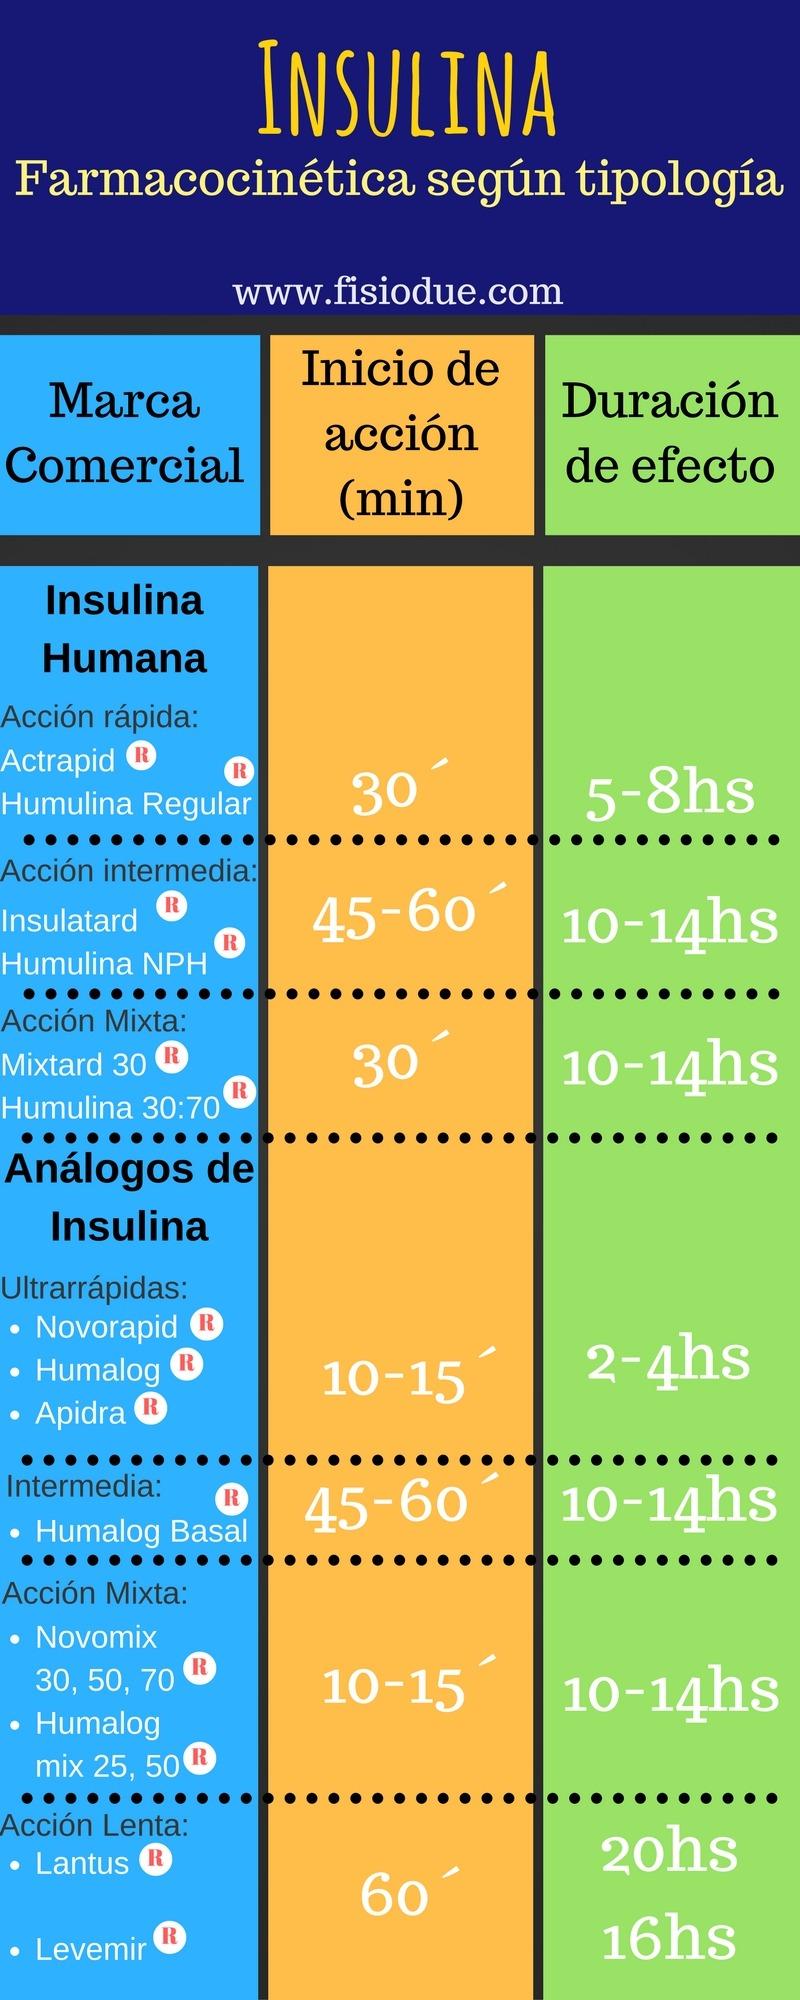 Insulina. Farmacocinética Según Tipología.